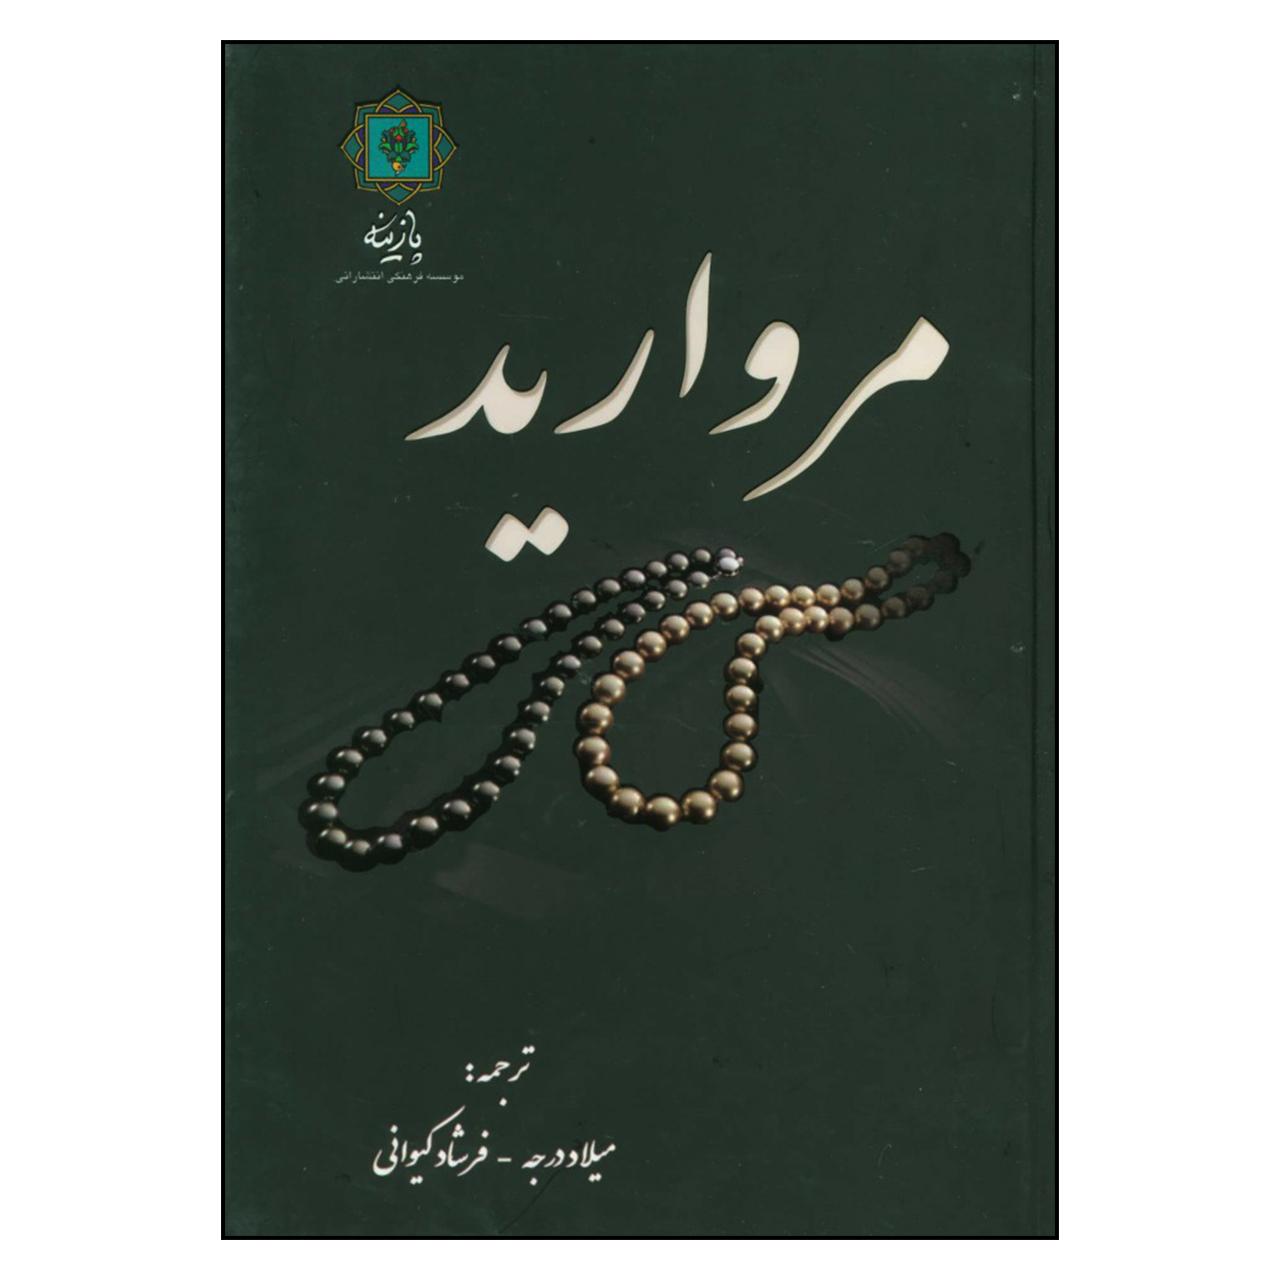 کتاب مروارید اثر مارلین بلسینگ نشر پازینه